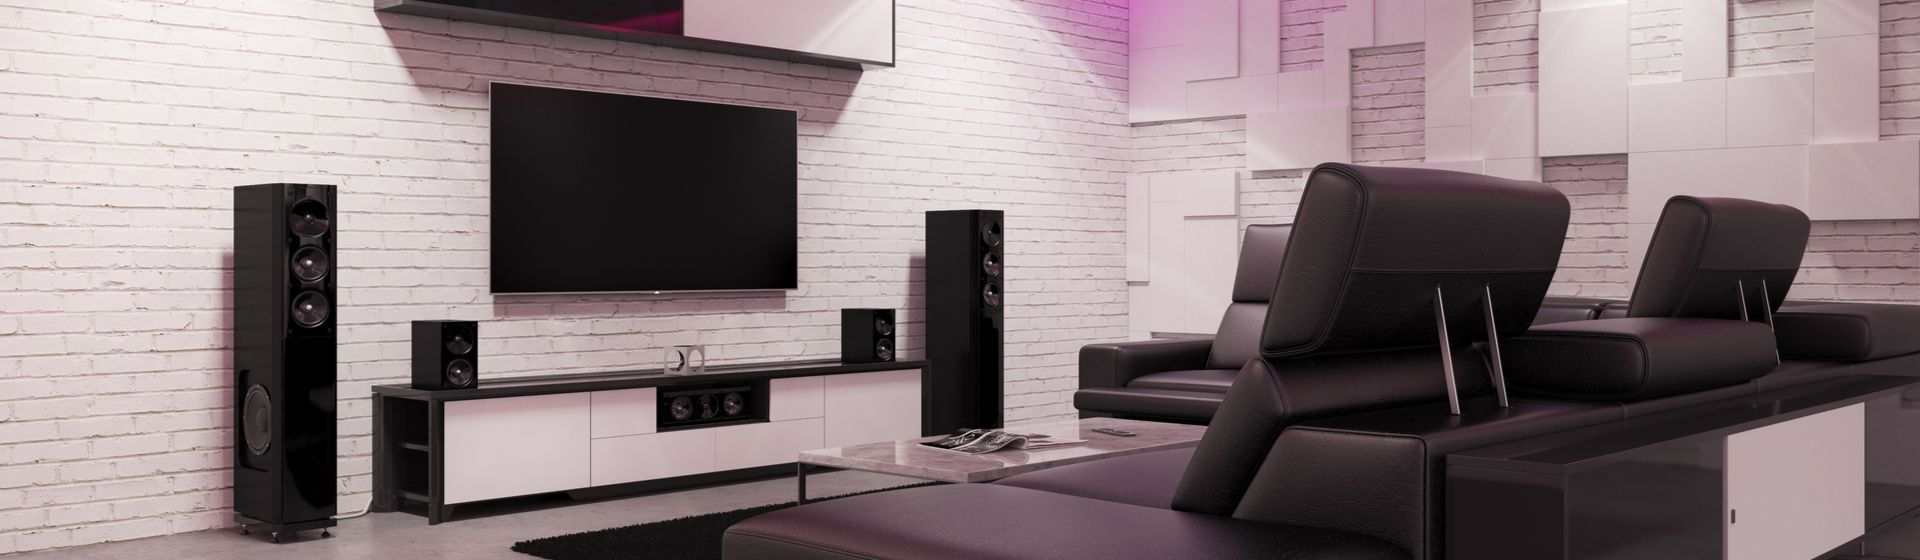 Melhor home theater barato 2021: confira a seleção